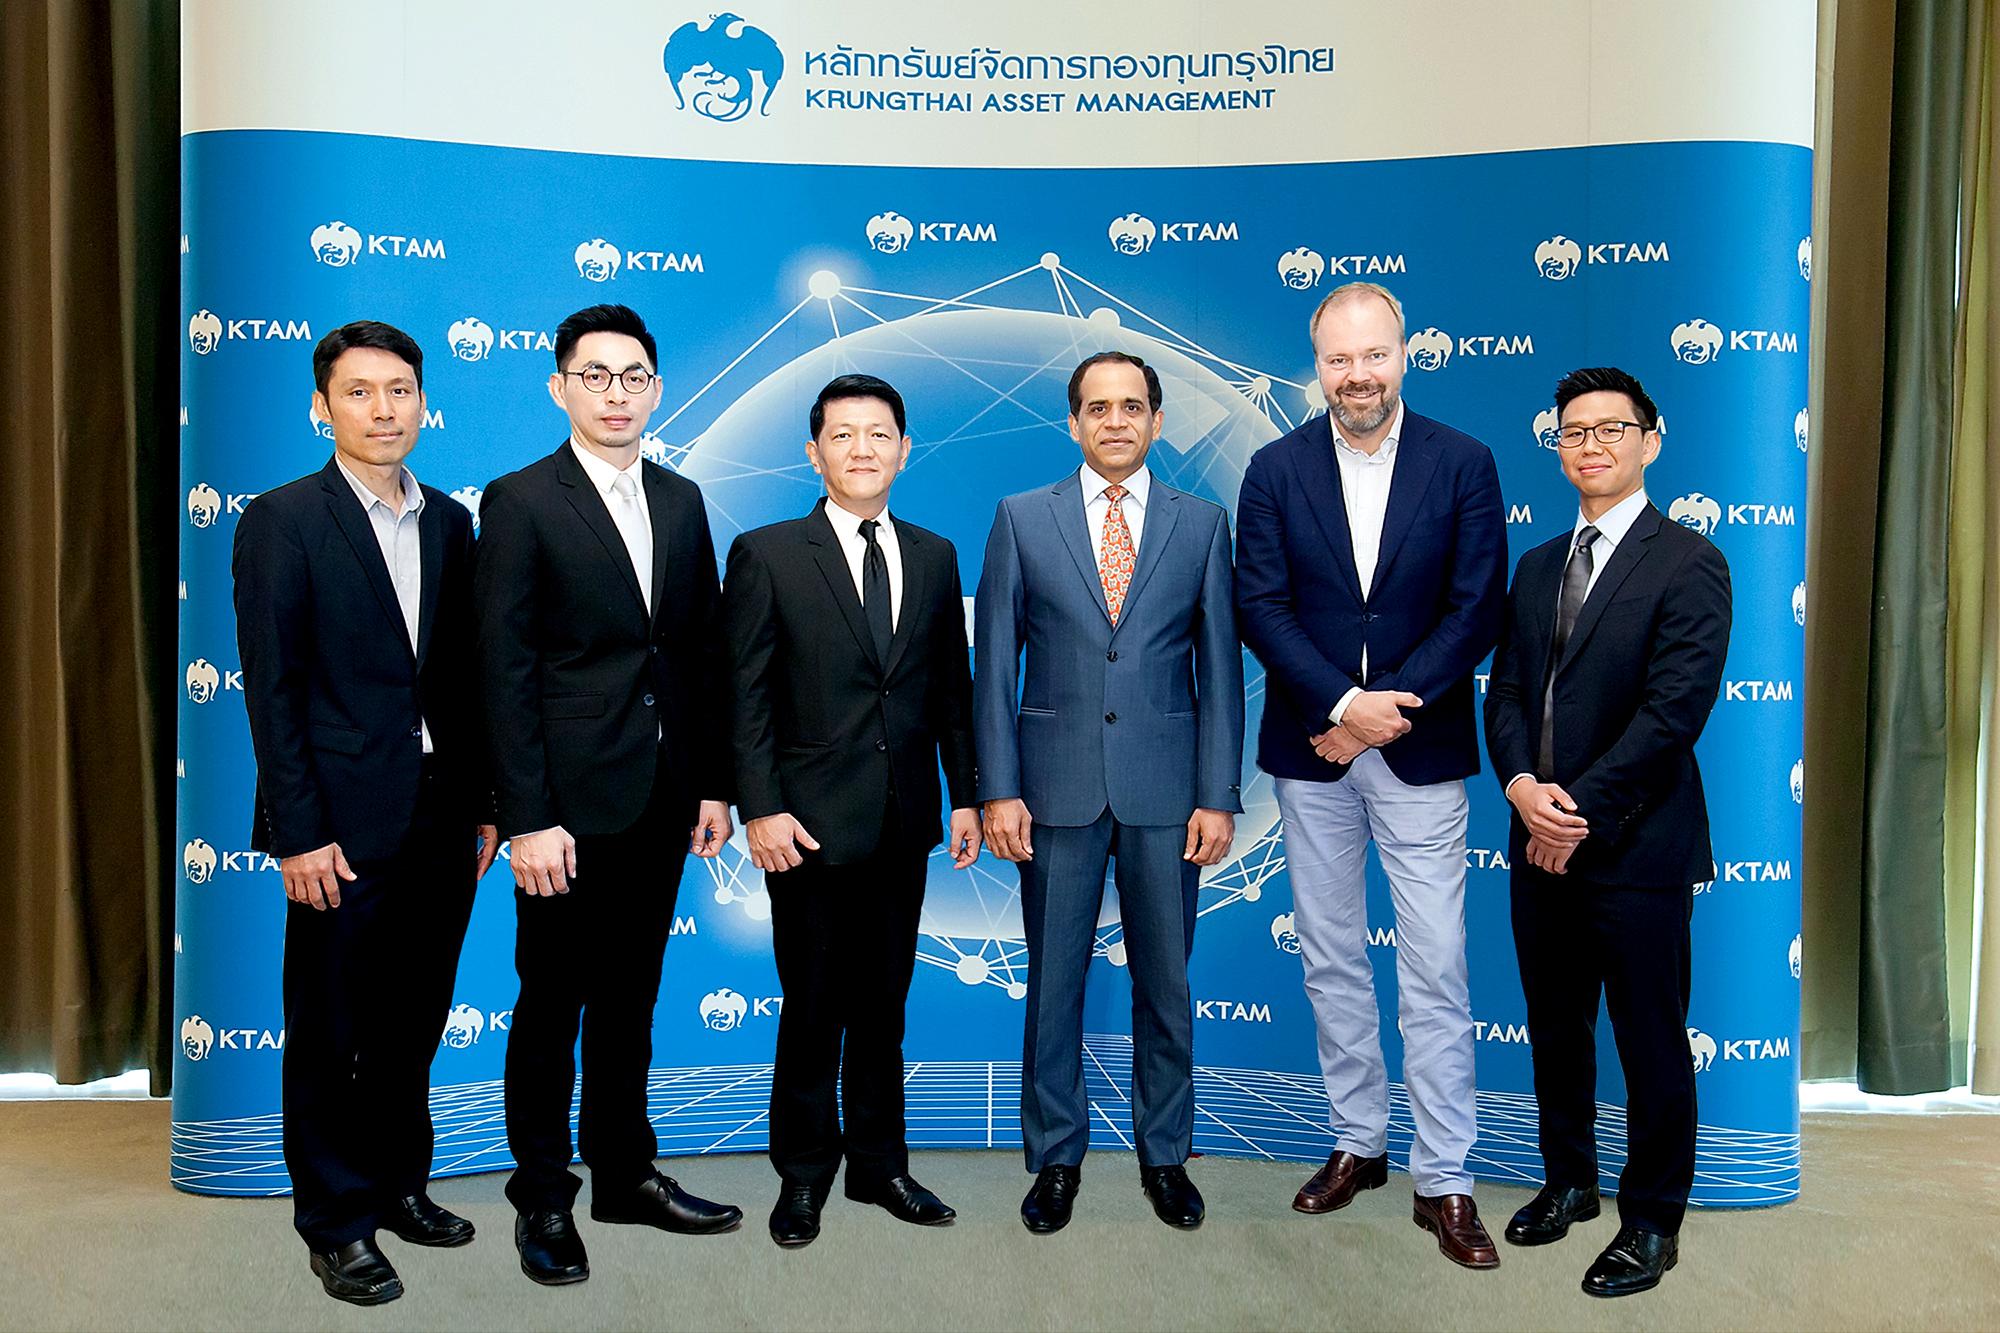 บลจ.กรุงไทยจัดเสวนาทิศทางการลงทุนในยุโรป-อินเดีย